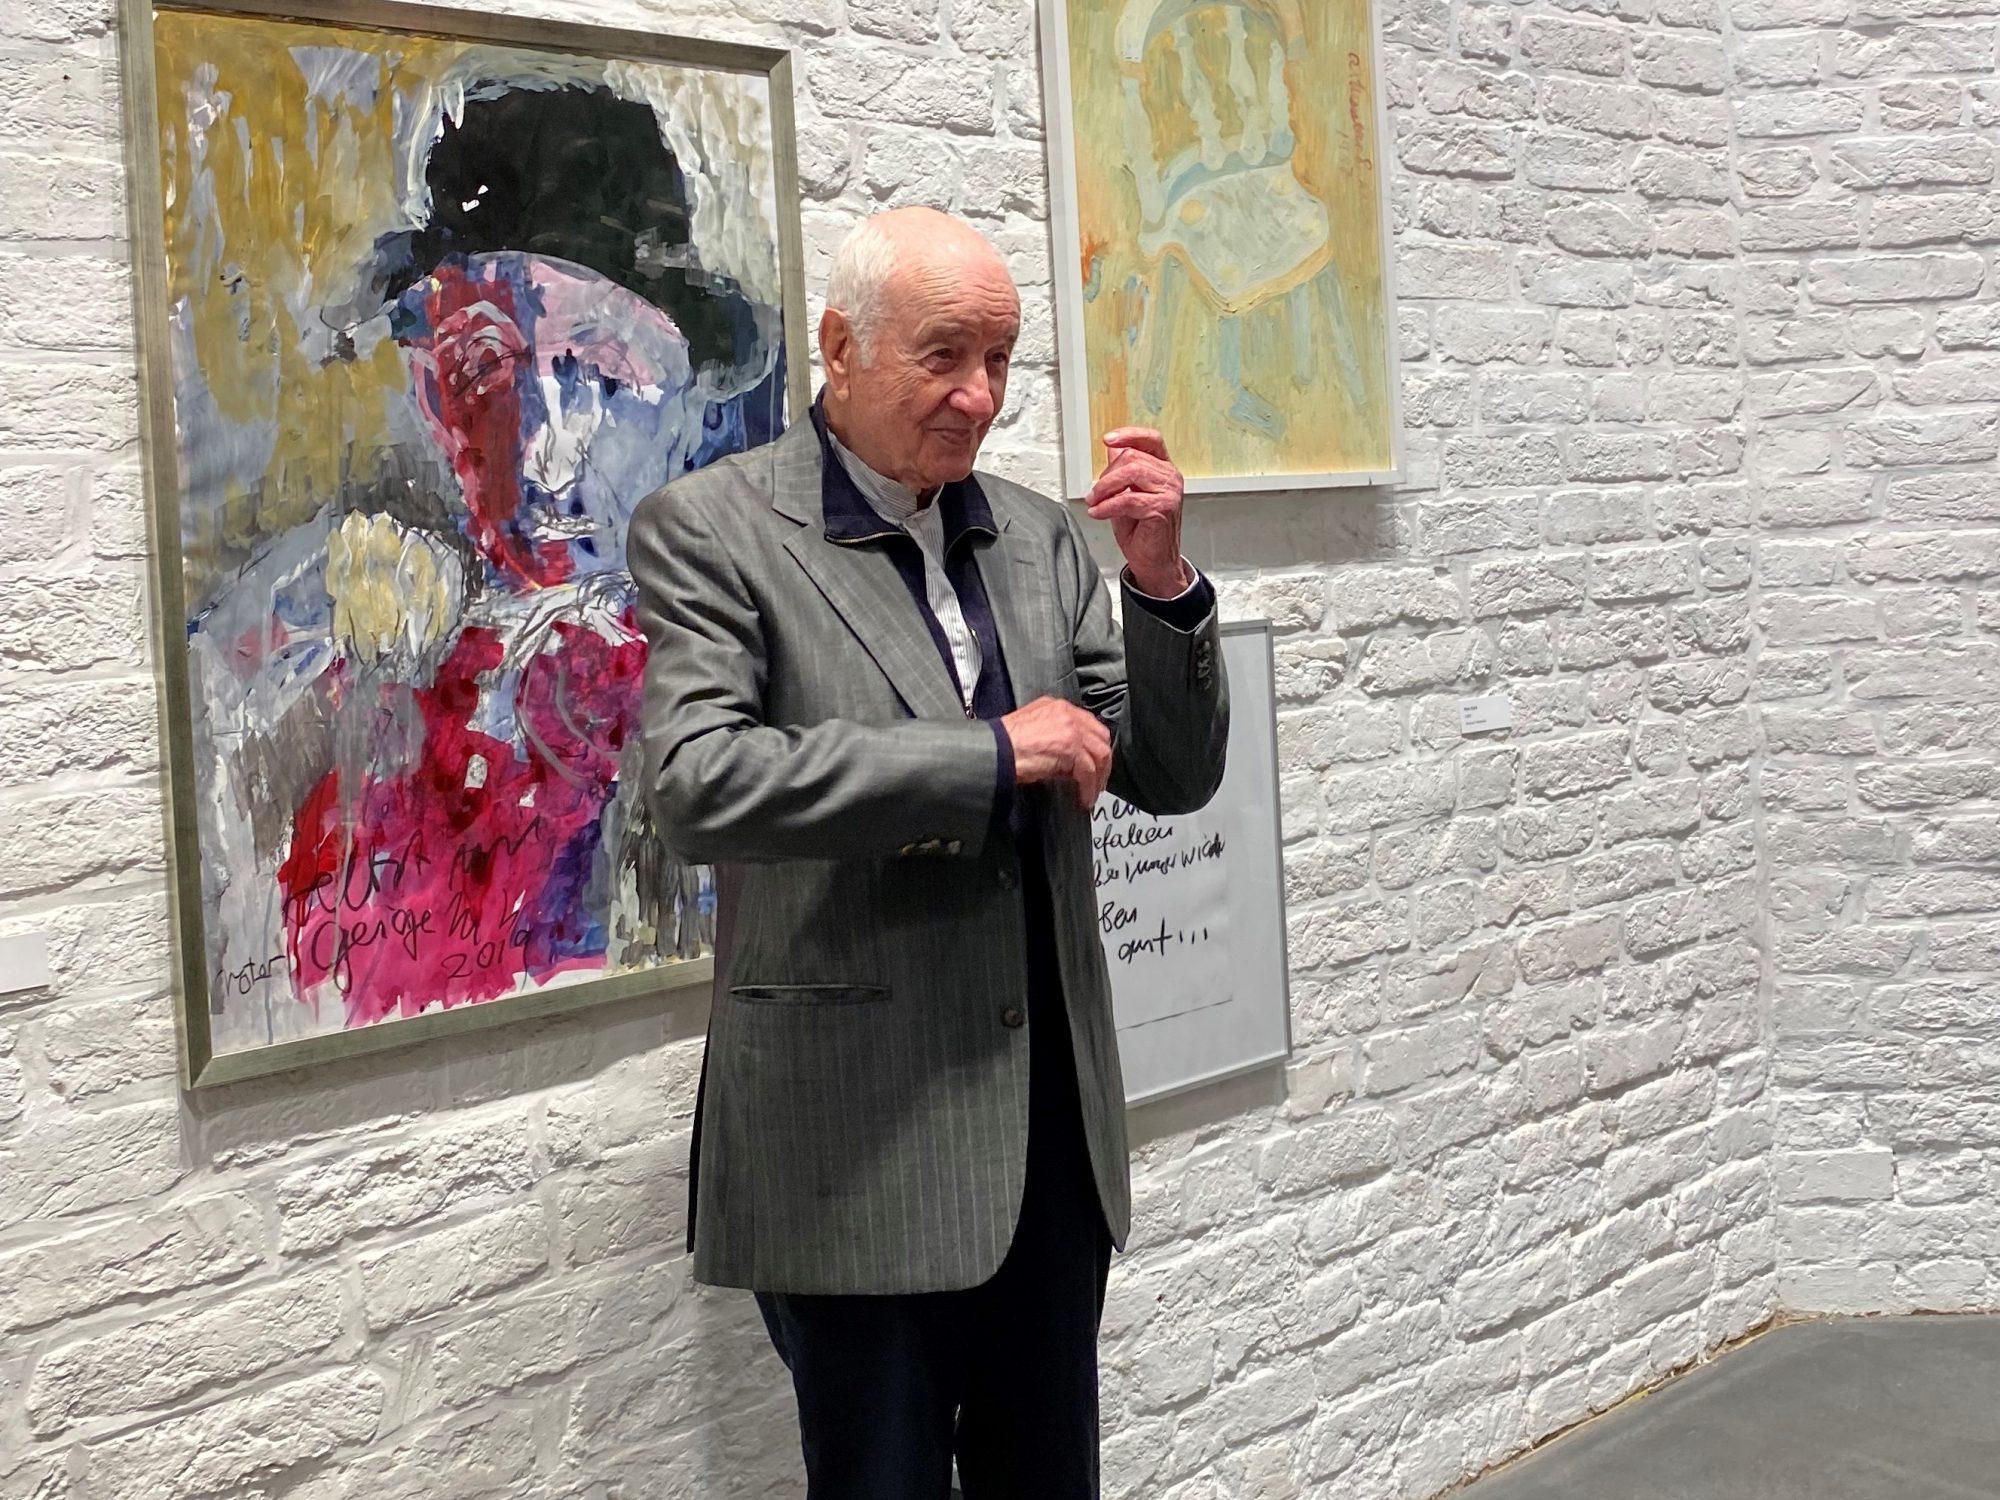 Armin Müller-Stahl- Ausstellung in Lübeck in der Kunsthalle St. Annen